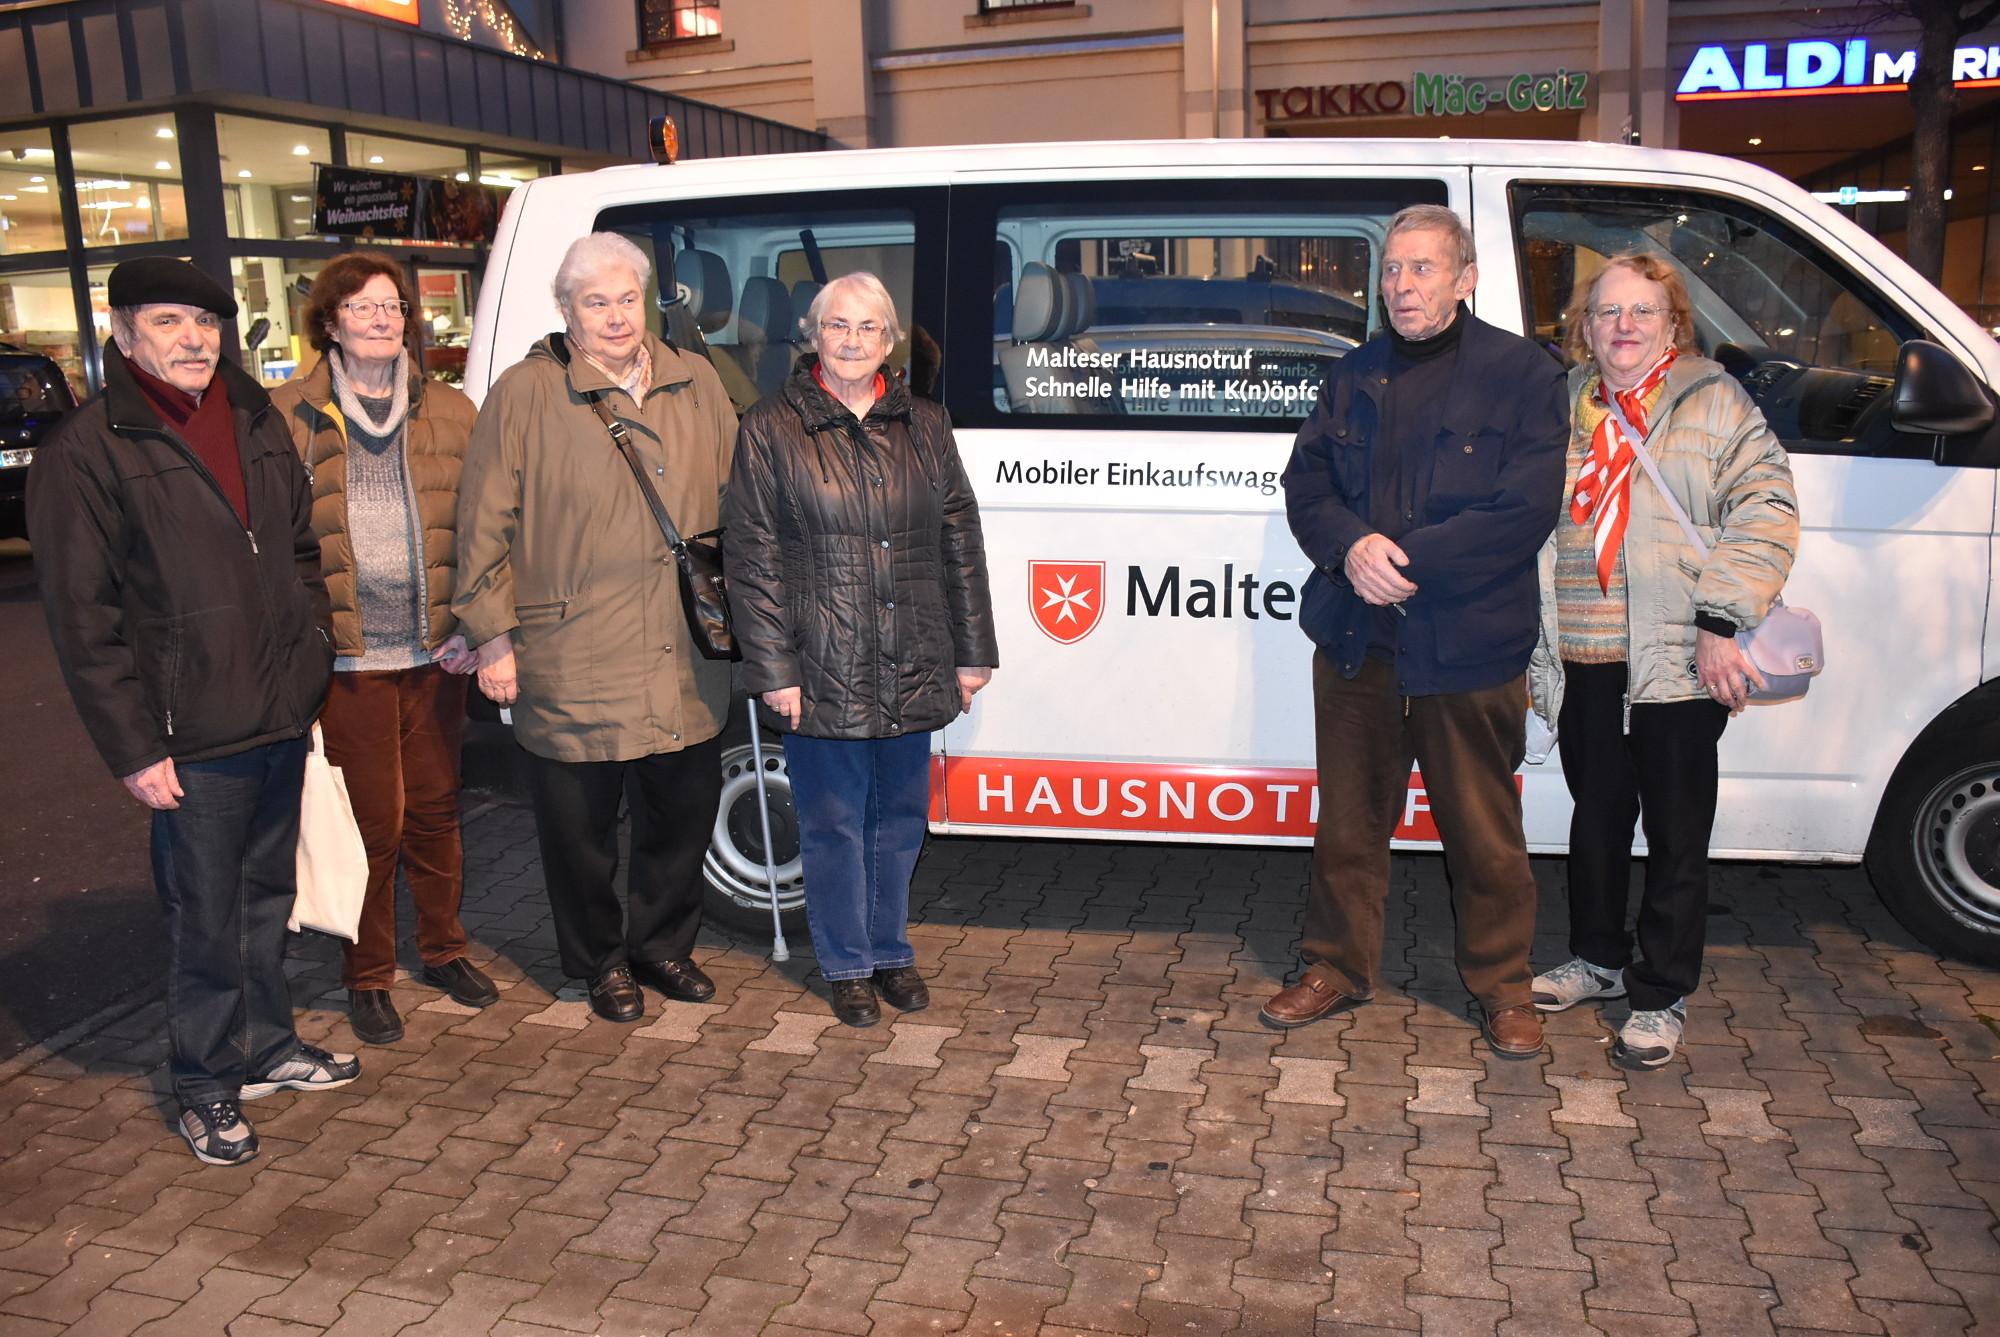 Melitta (r.), Reinhold und ihre zufriedenen Fahrgäste. Foto: C. Trache